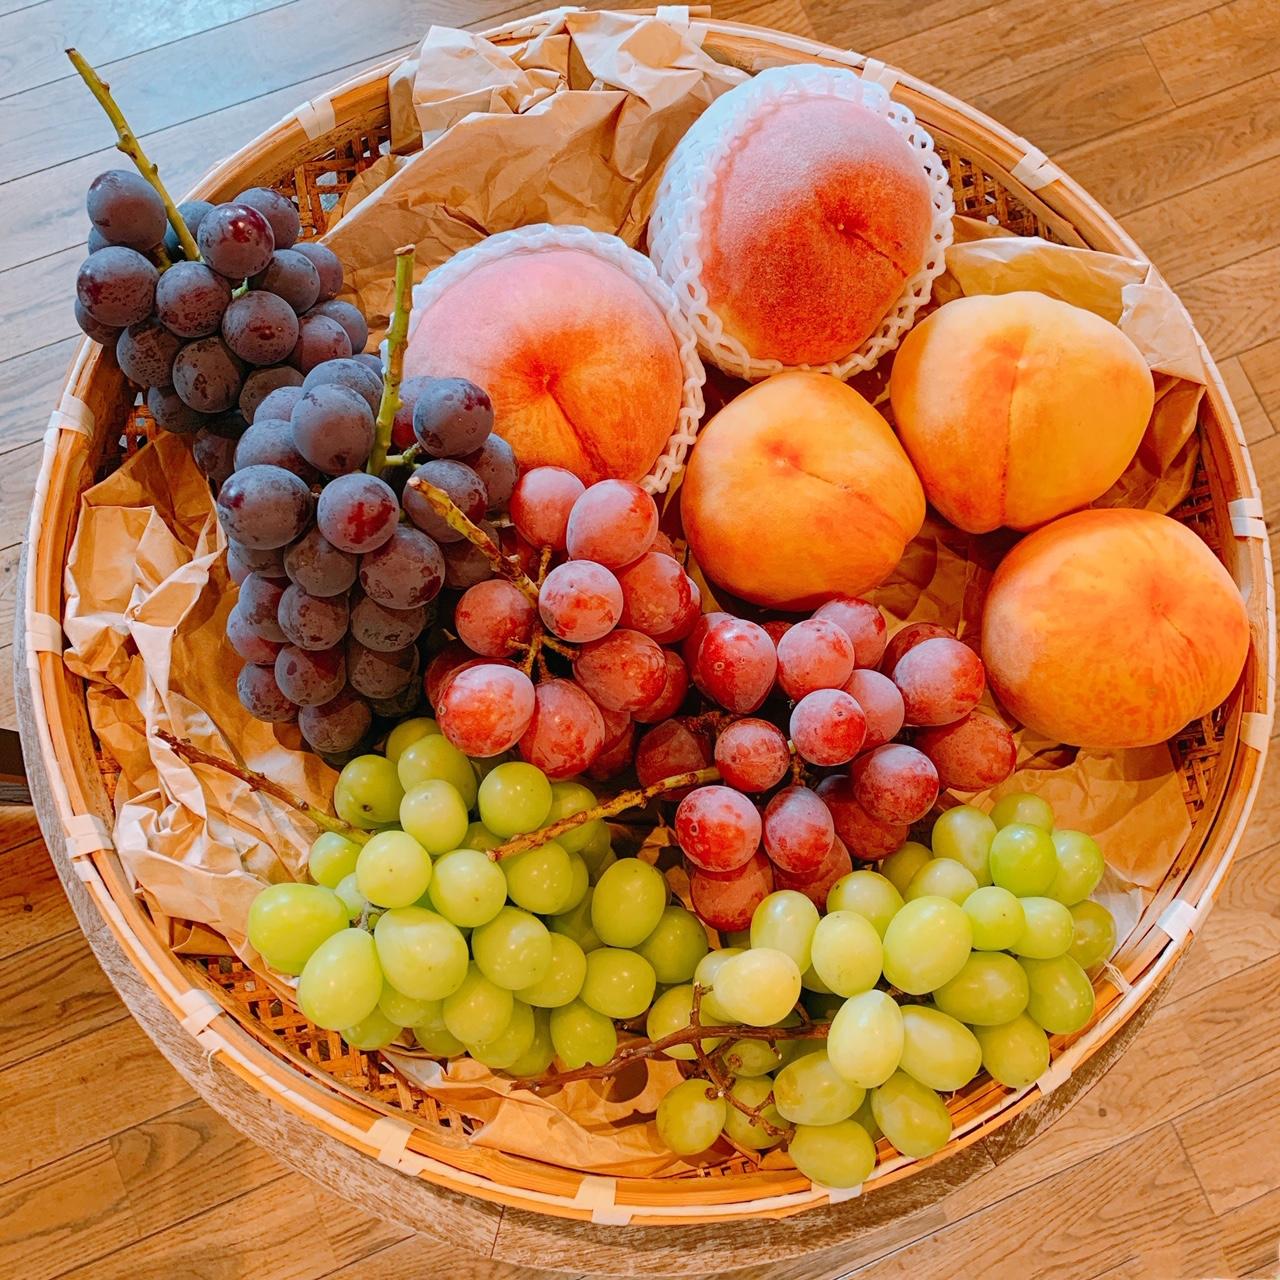 【おすすめカフェ】旬の《桃がまるごと&葡萄がたっぷり》詰まったジューシーなパフェ♡_10